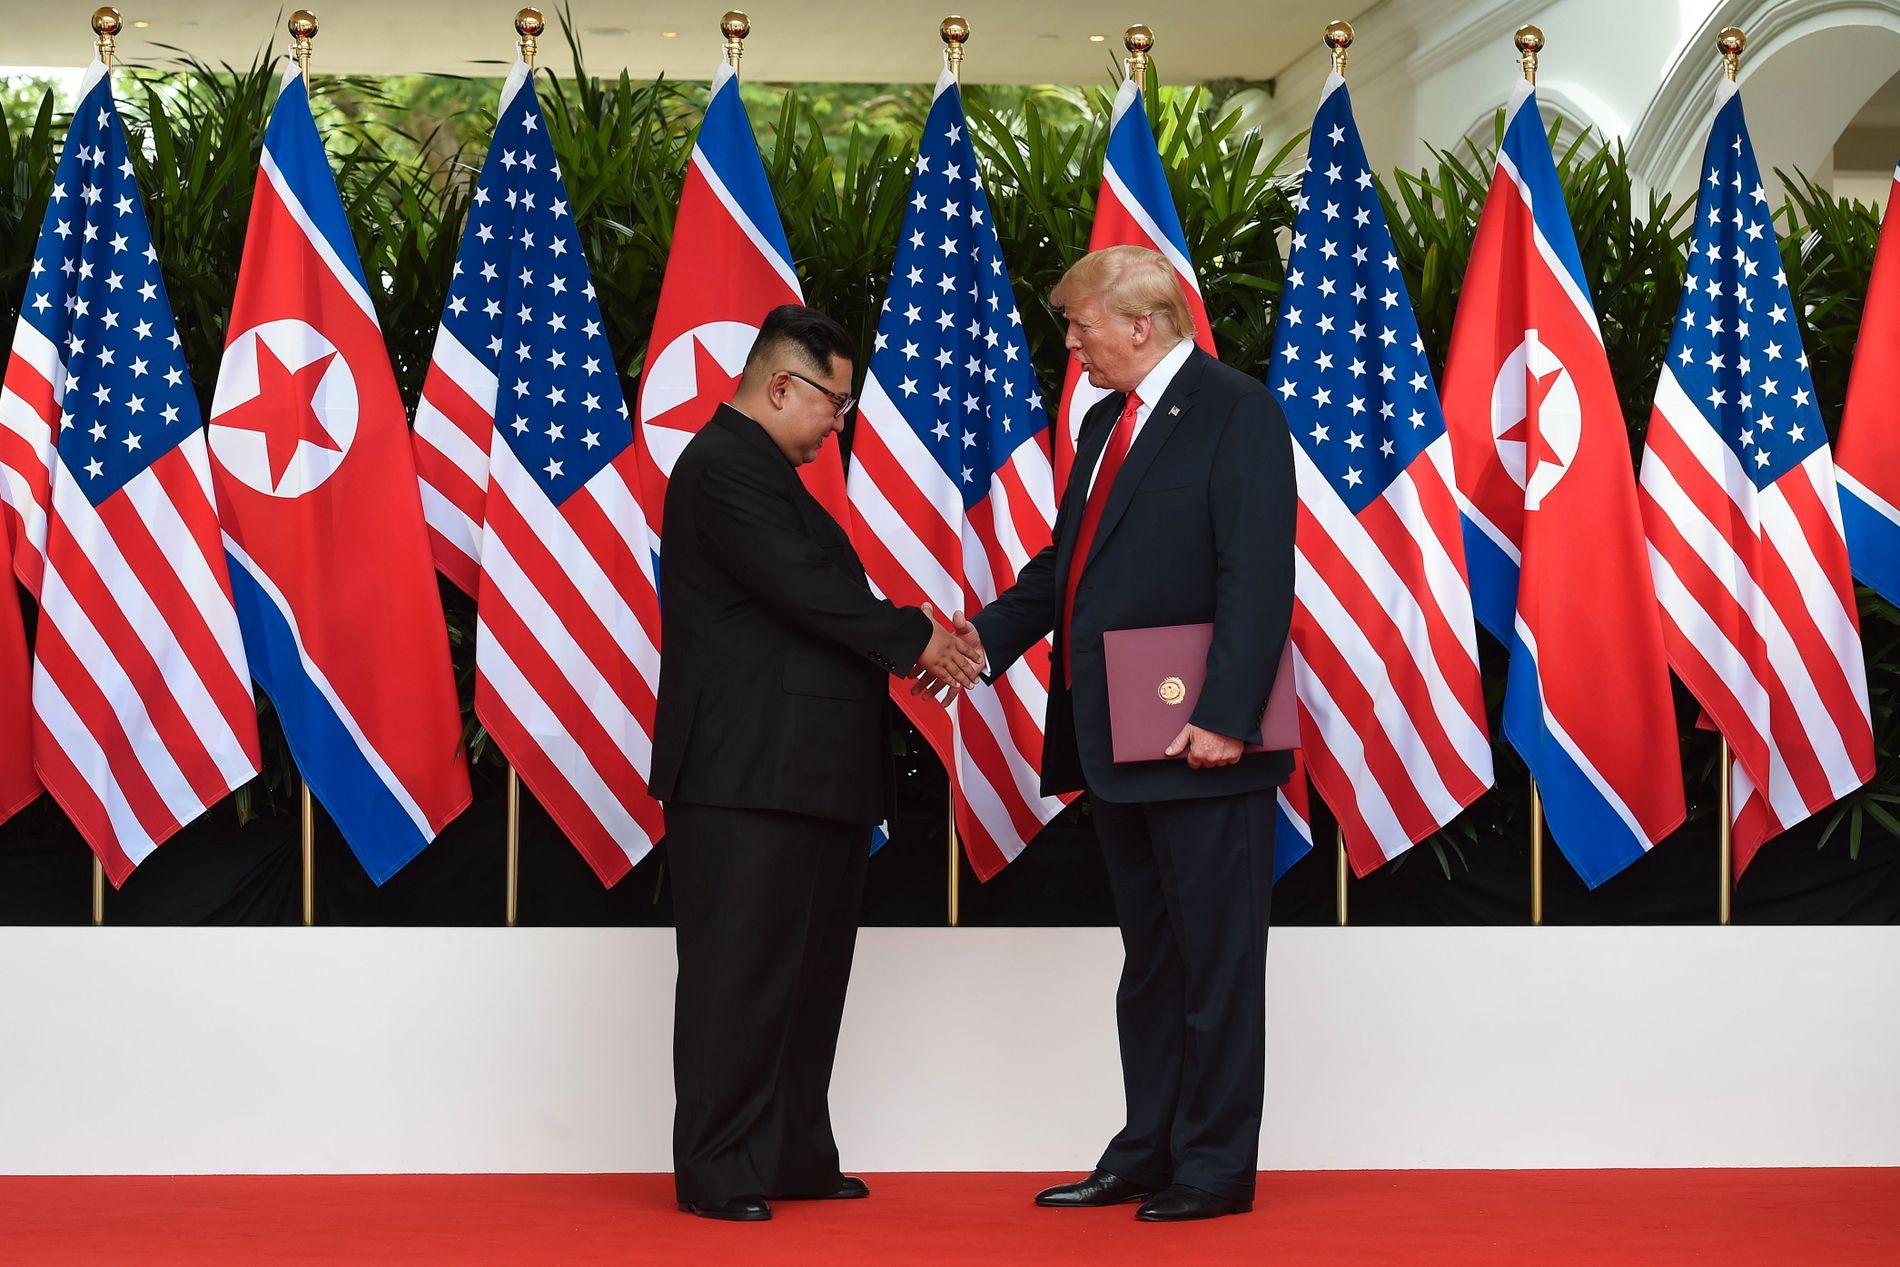 HISTORISK: Her møter Nord-Koreas leder Kim Jong-un den amerikanske presidenten Donald Trump for første gang. Møtet fant sted i Singapore tirsdag, og flere har utpekt Kim som vinneren av møtet.